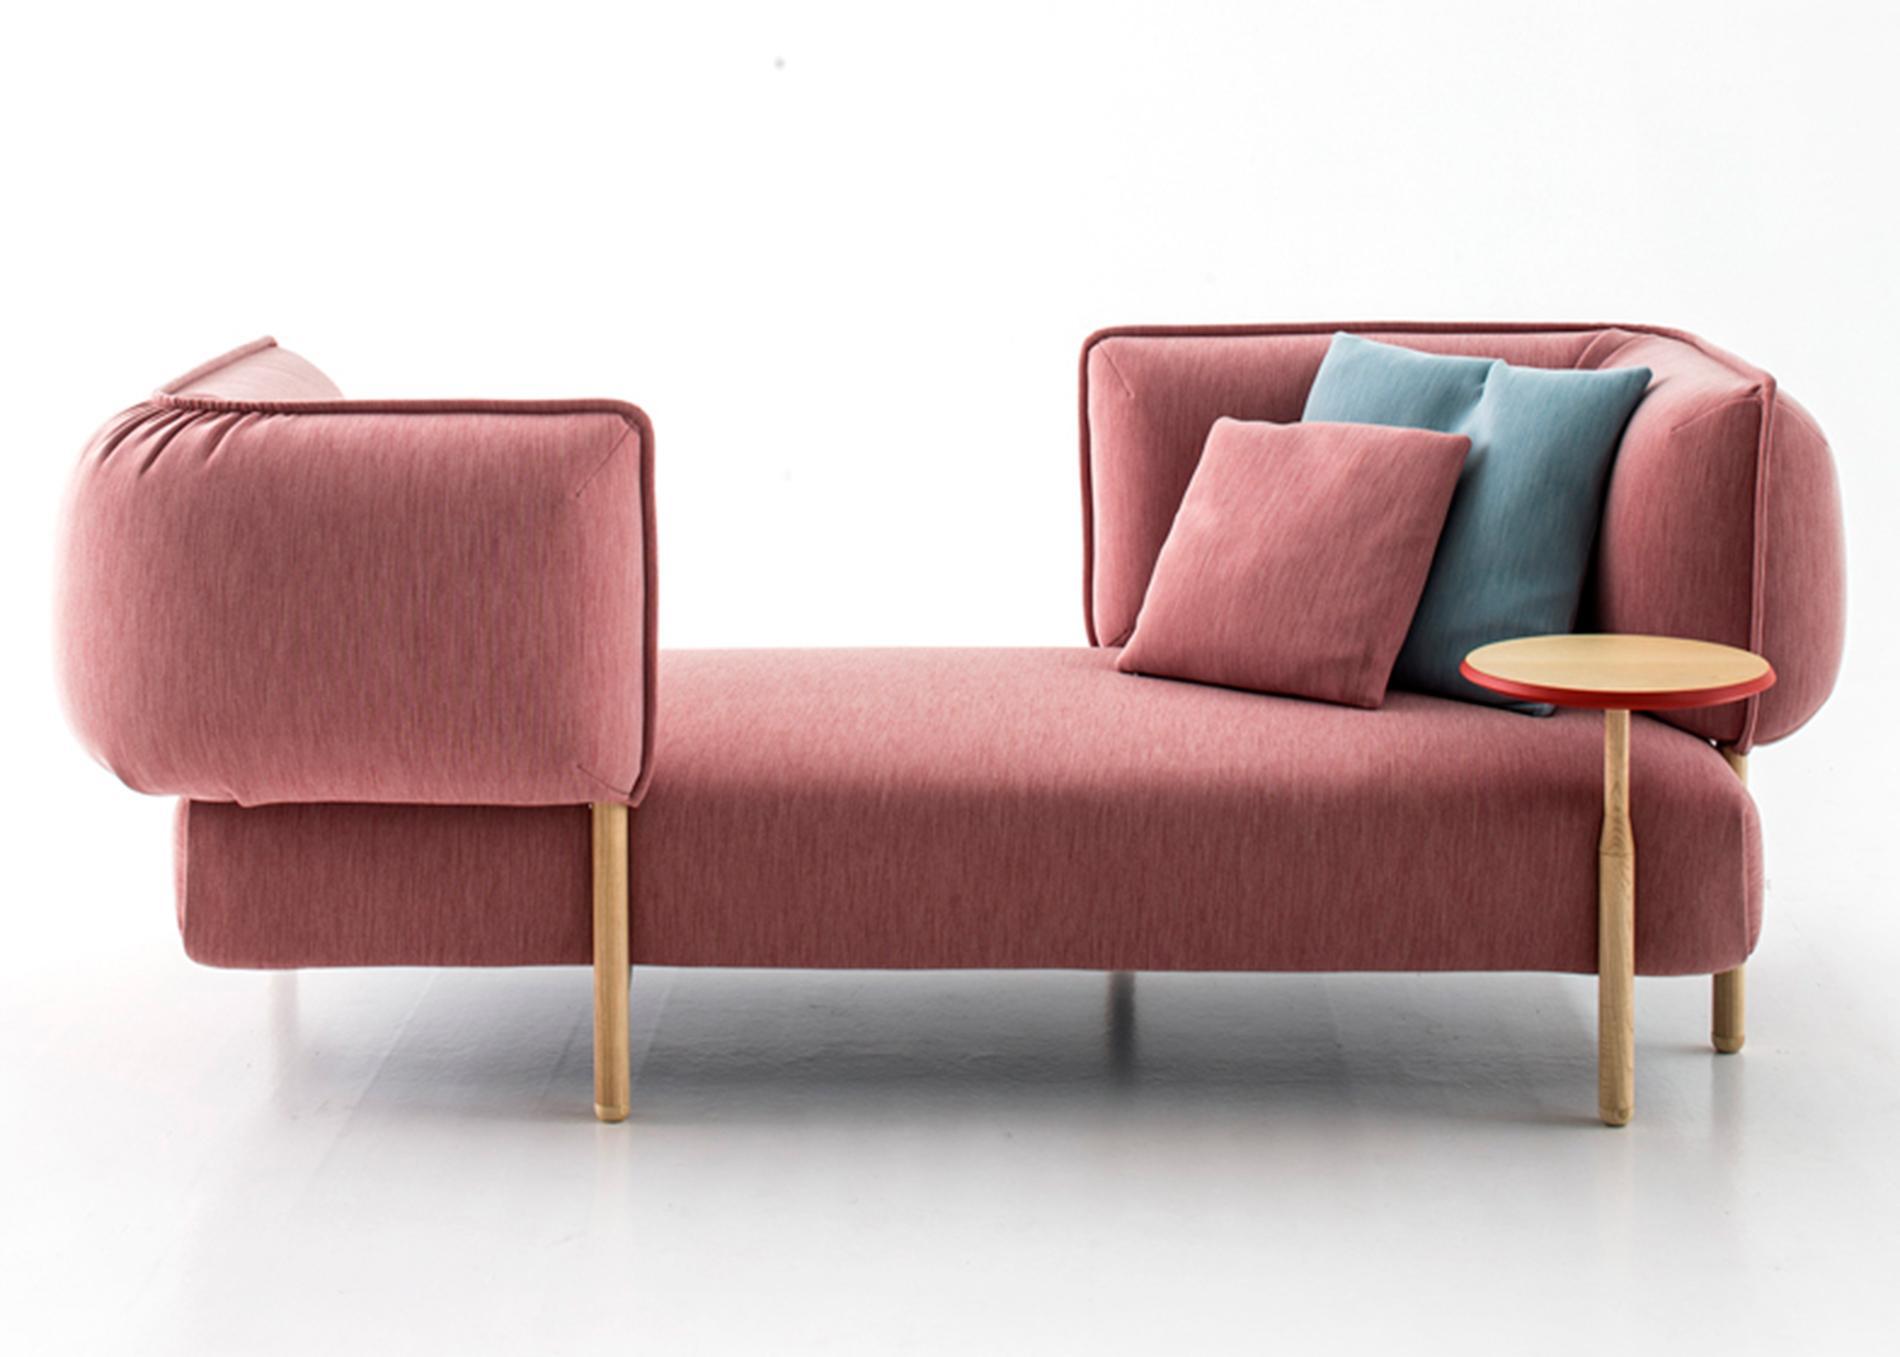 Les nouveaut s du salon du meuble de milan madame figaro - Patricia urquiola sofa ...